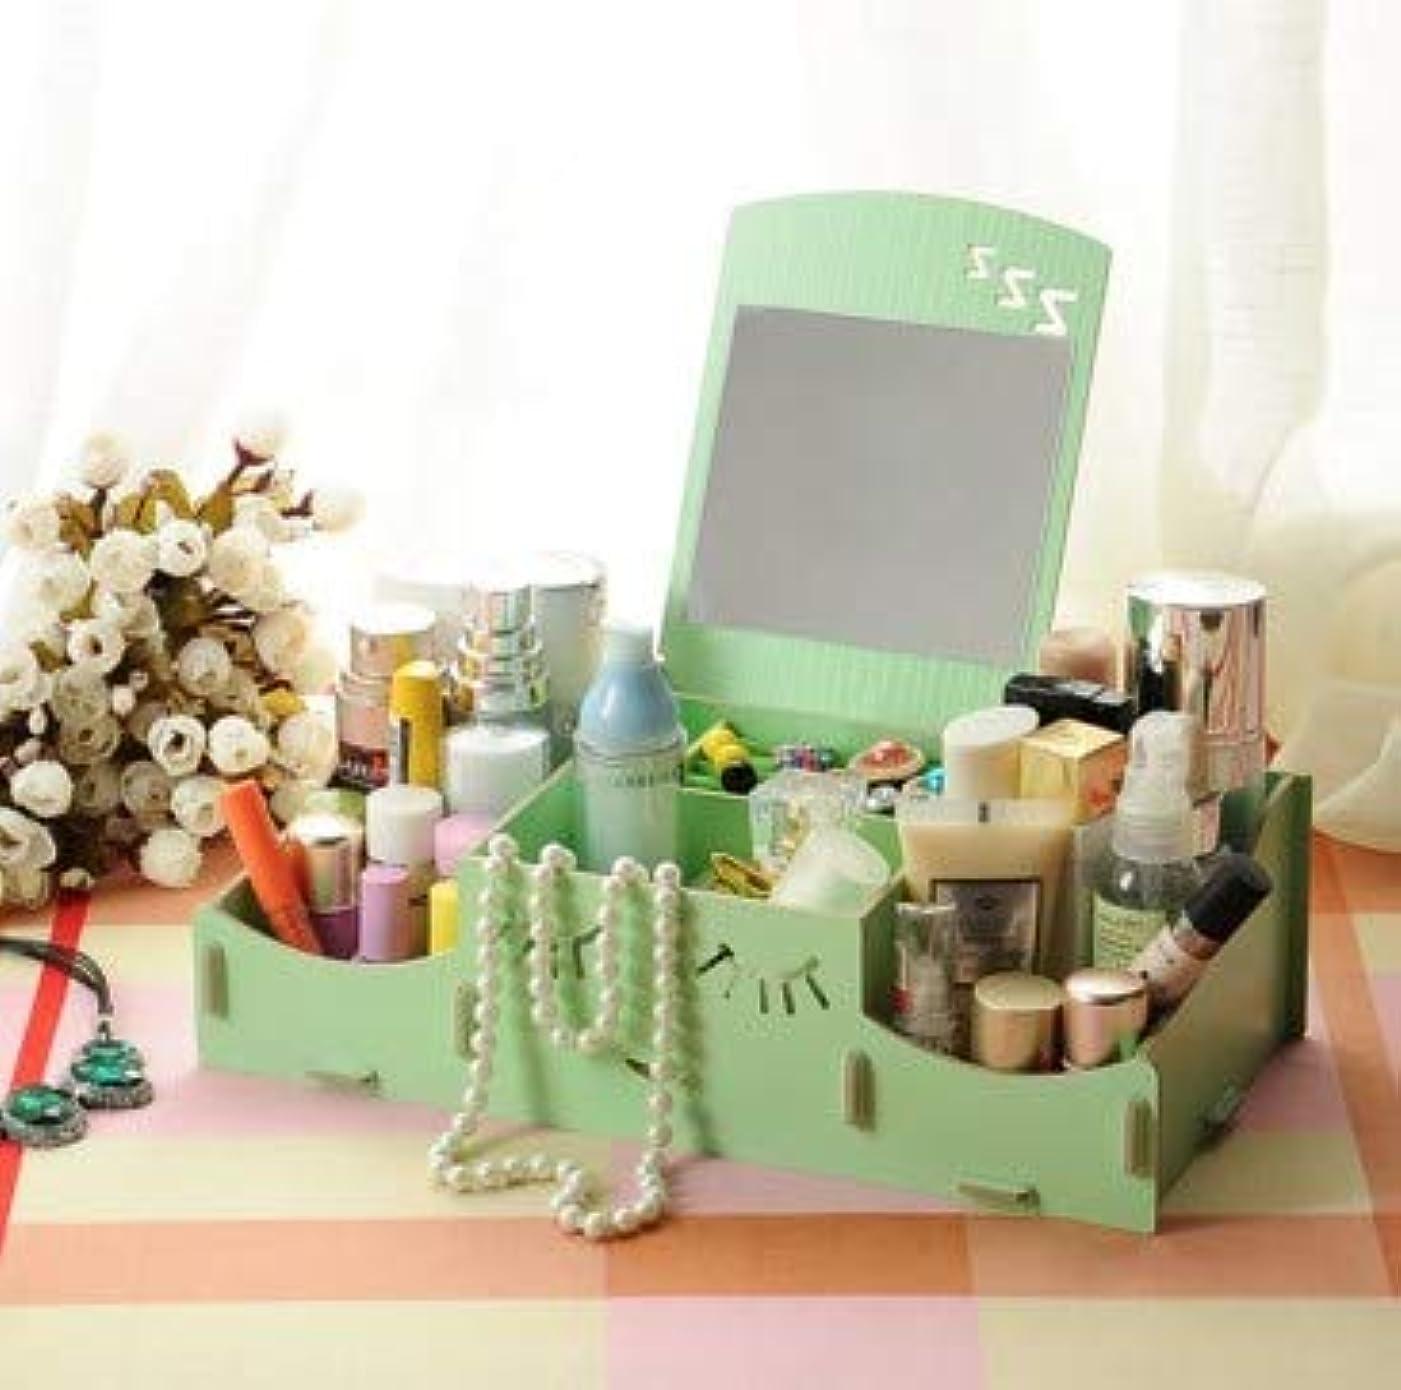 空虚ホーム回路スマイリー木製クリエイティブ収納ボックス手作りデスクトップミラー化粧品収納ボックス化粧品収納ボックス (Color : グリンー)